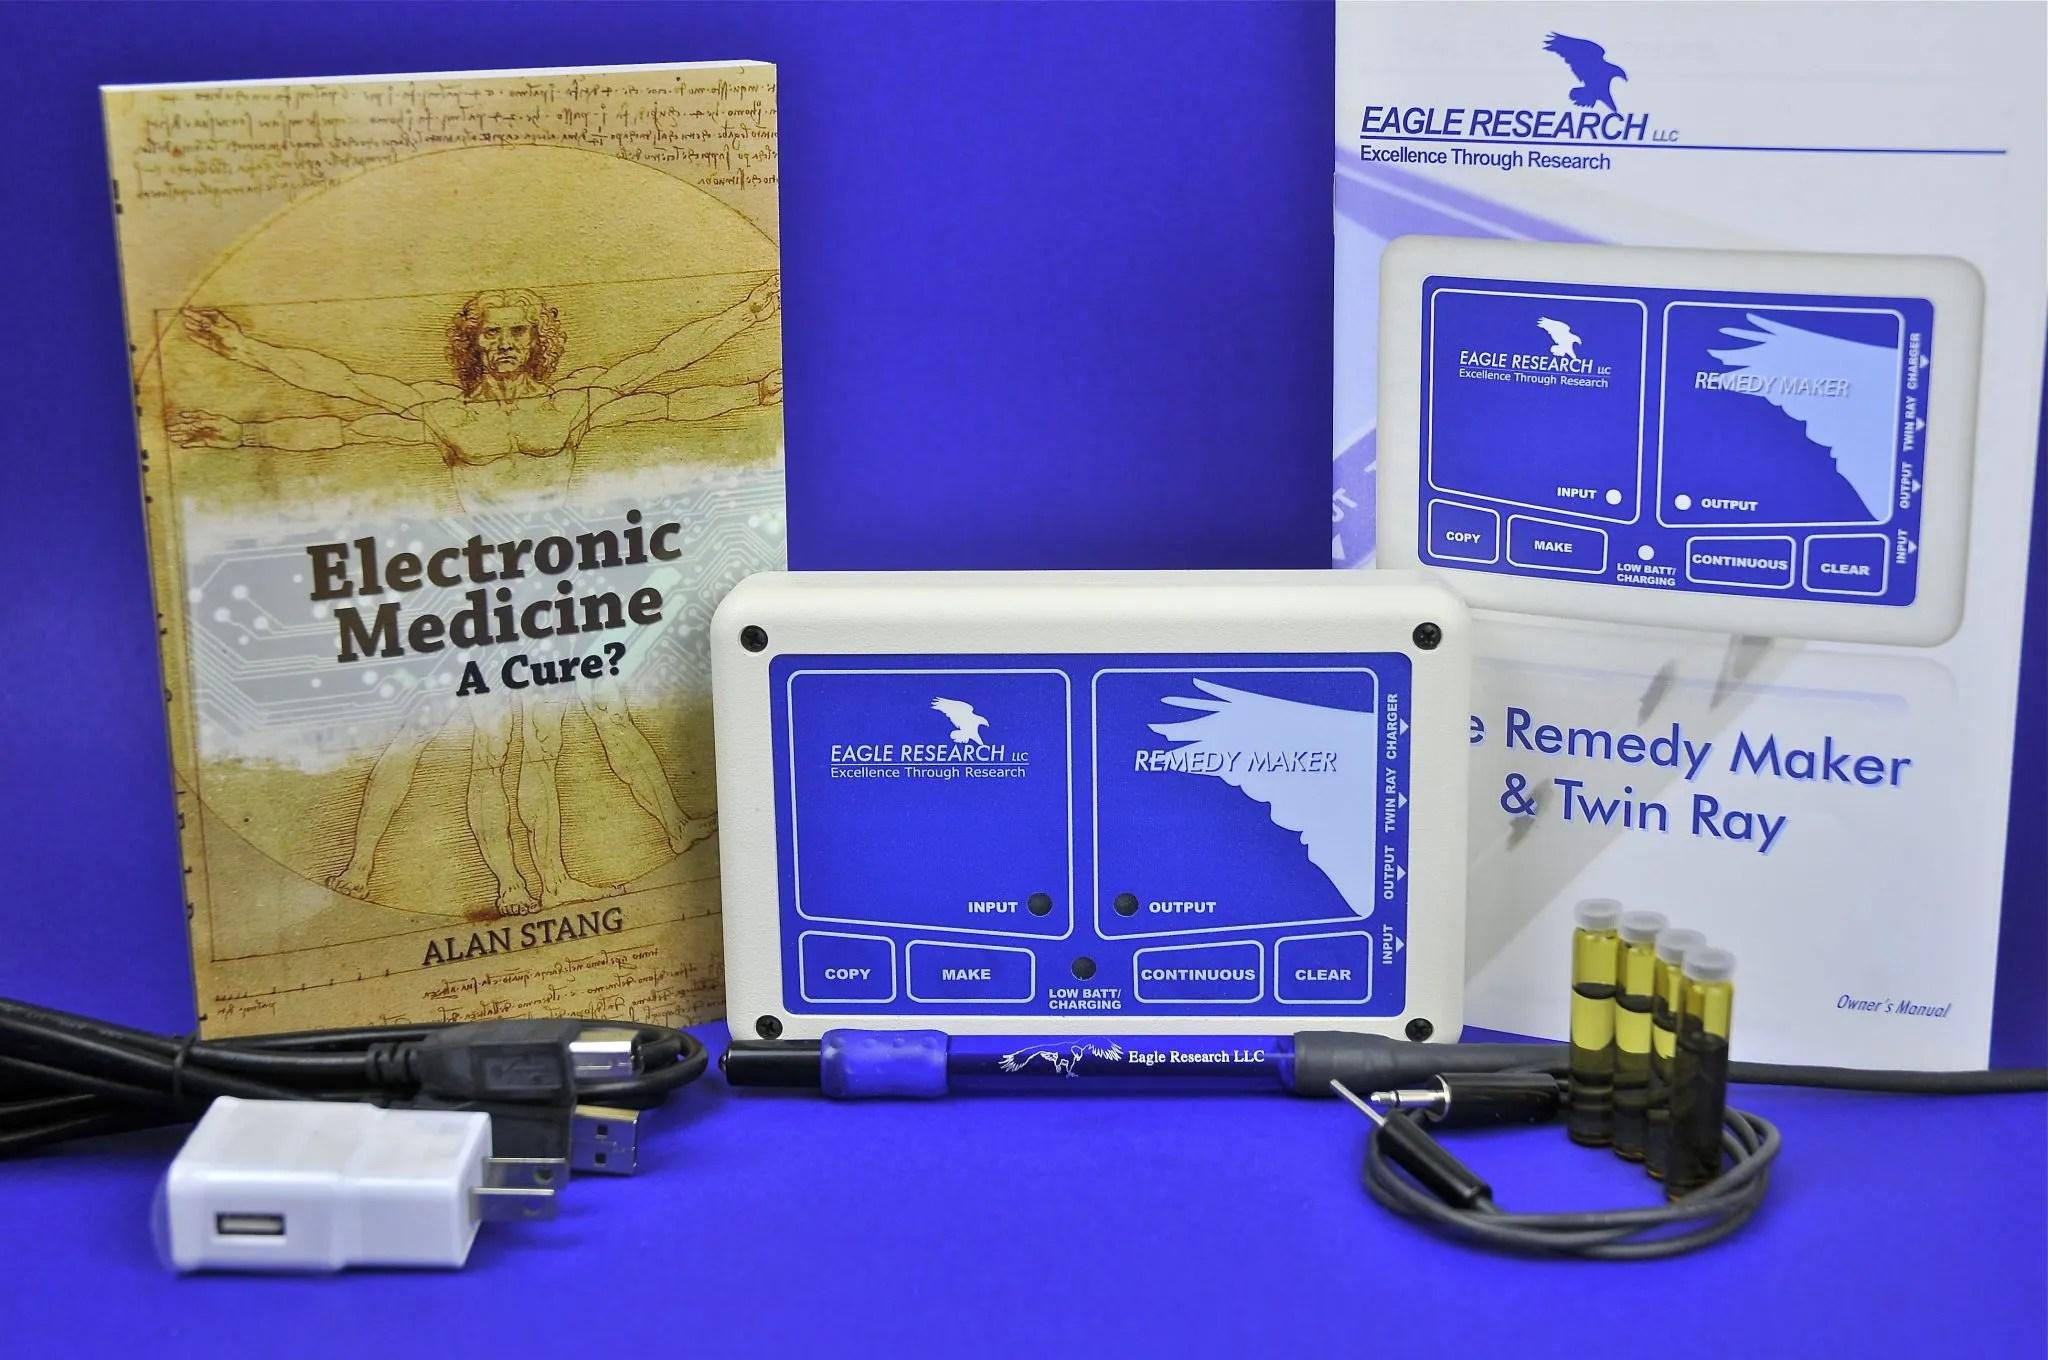 Remedy Maker: Full Package